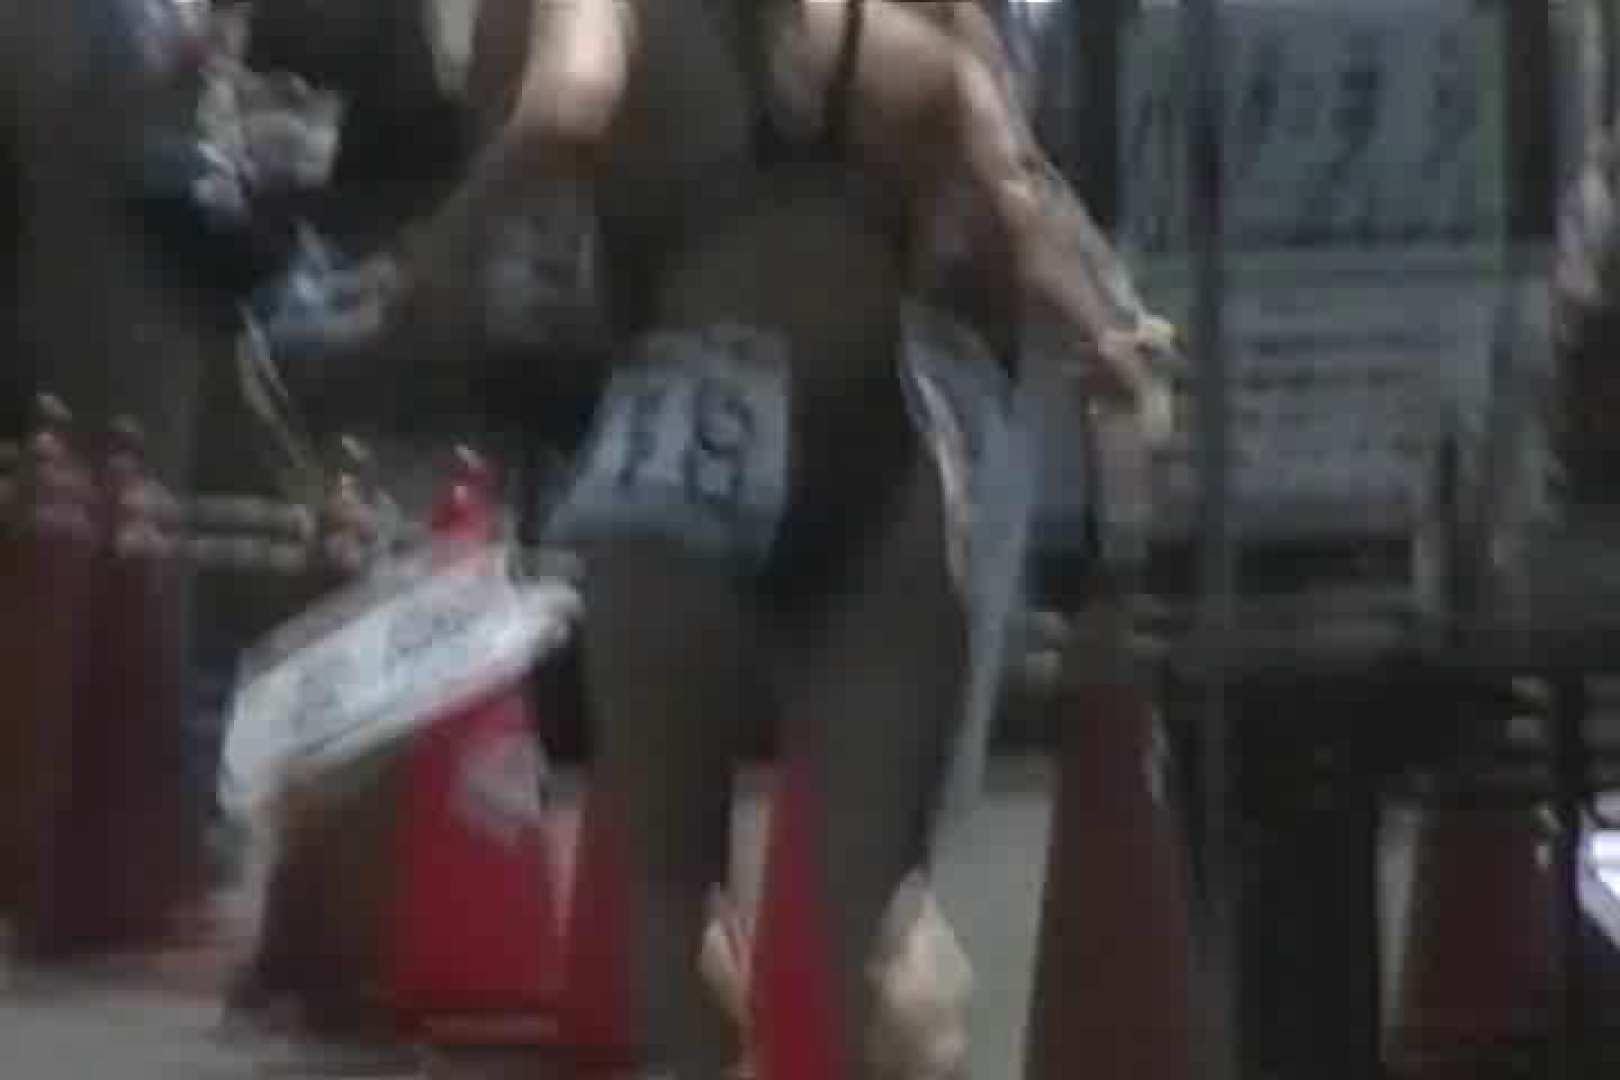 鉄人レース!!トライアスロンに挑む女性達!!Vol.6 コスチューム  75画像 56